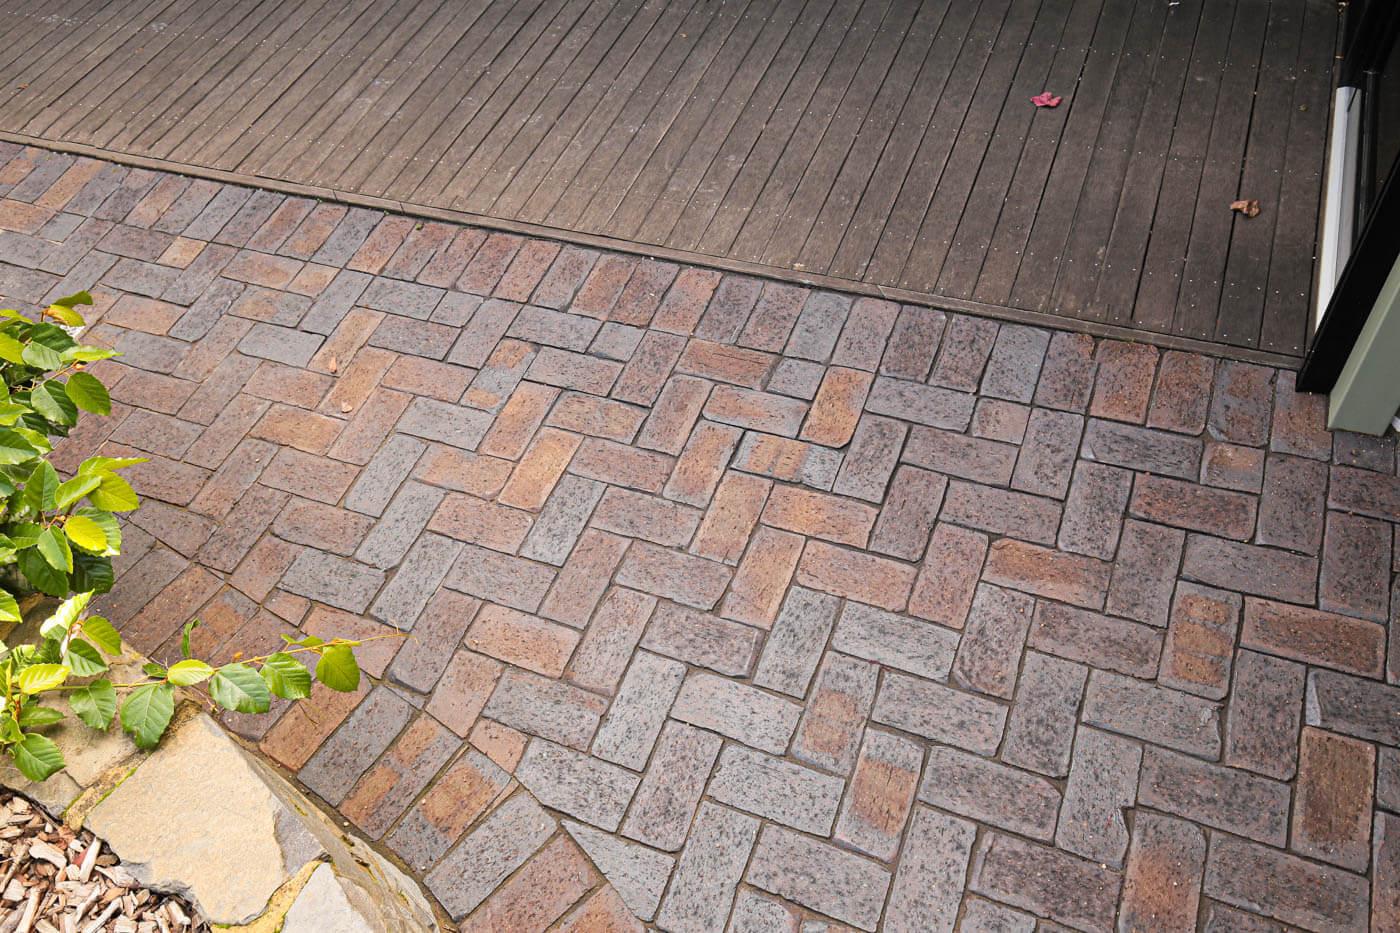 Mahogany Cobblestone Clay Pavers Littlehampton Brick Rs 12